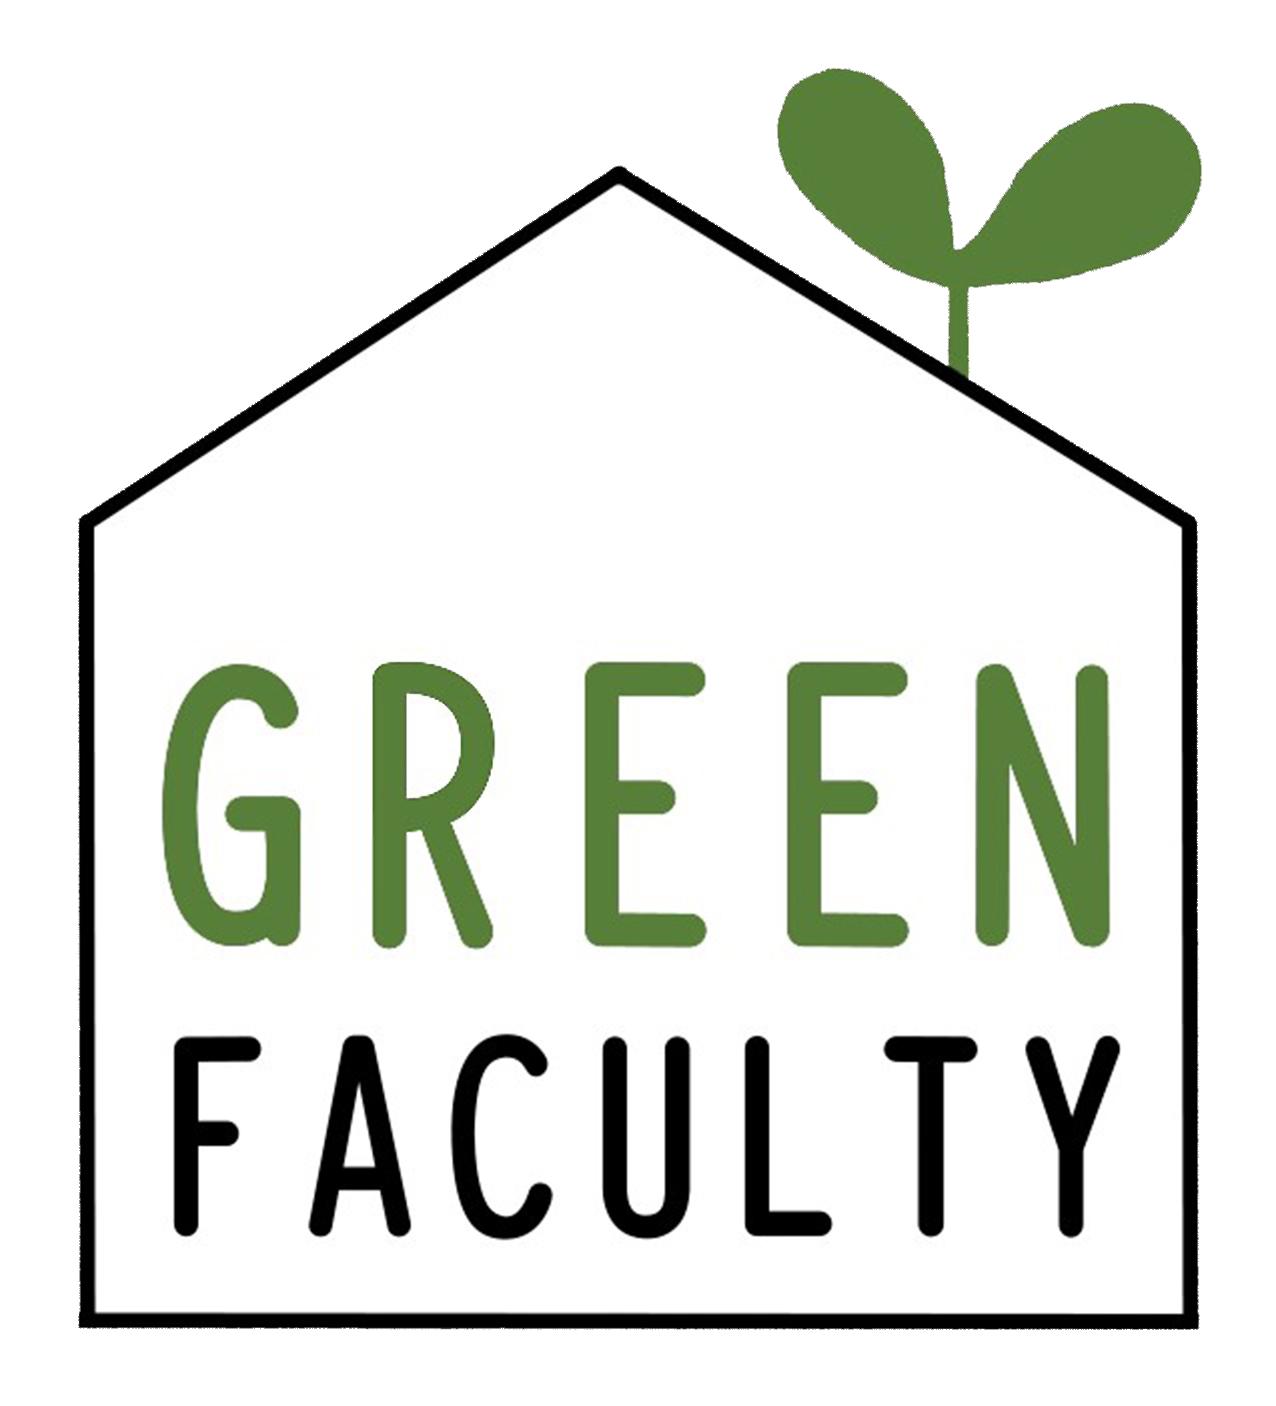 Green Faculty